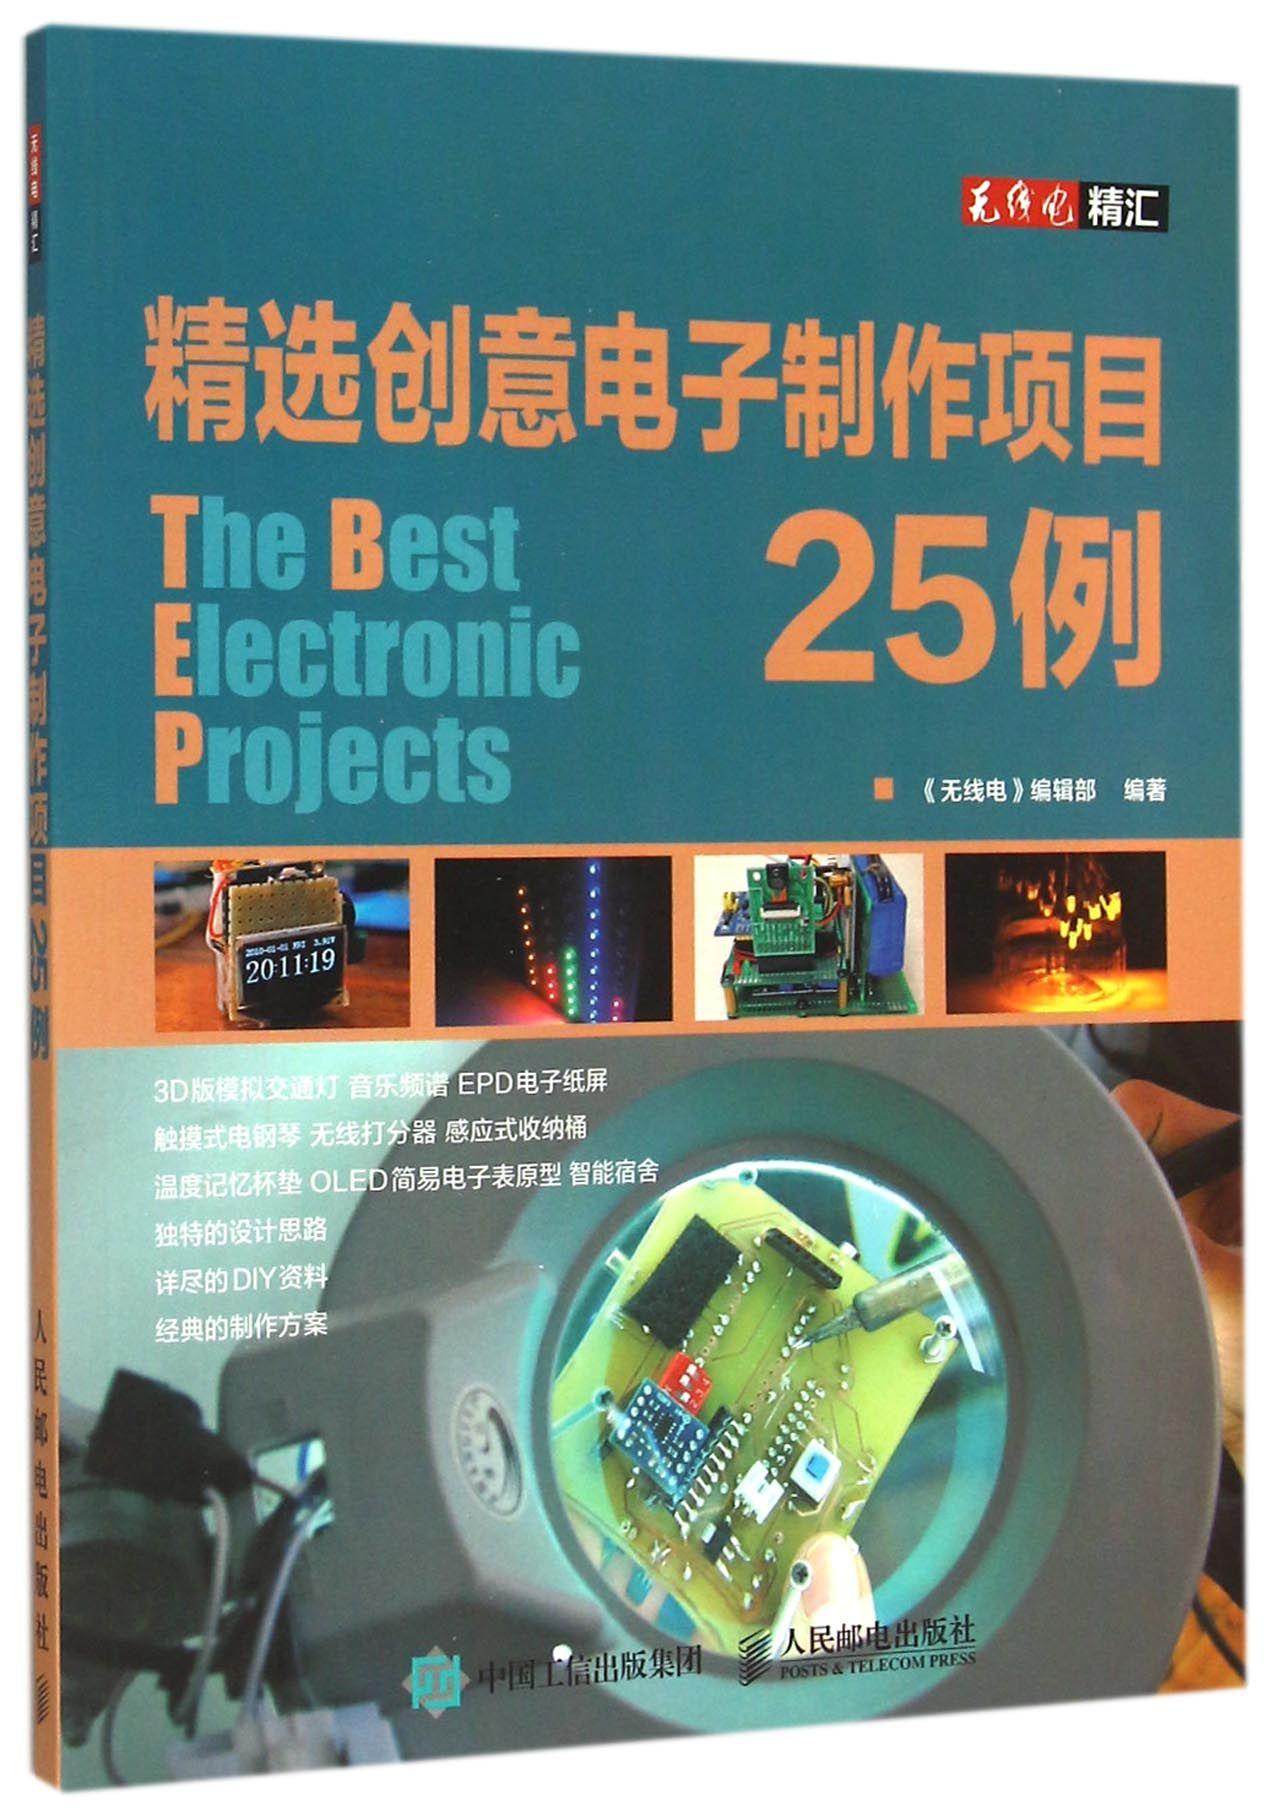 精选创意电子制作项目25例/无线电精汇图片